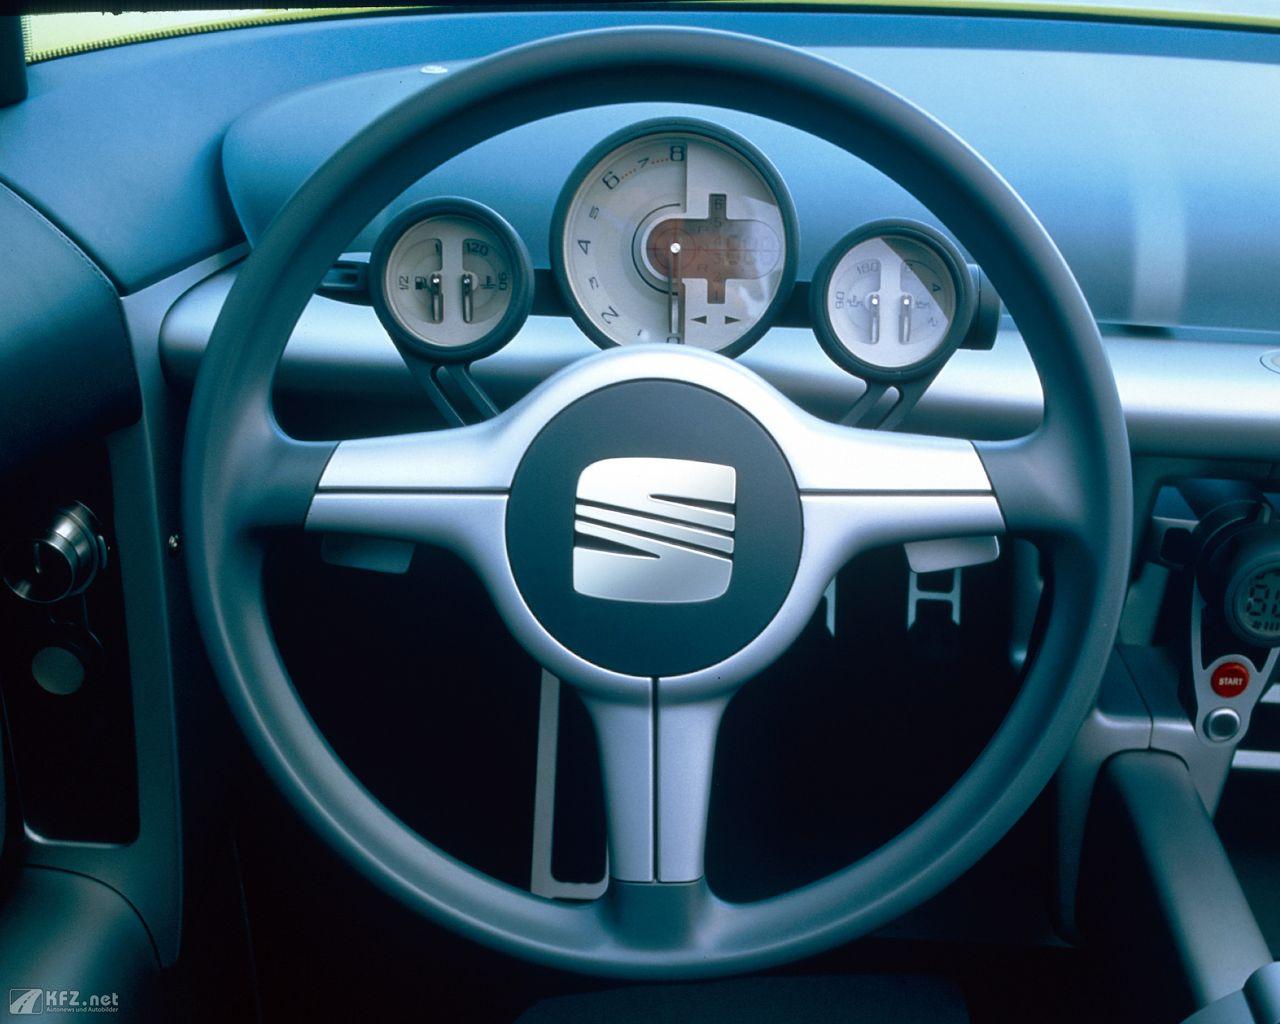 seat-formula-1280x1024-2